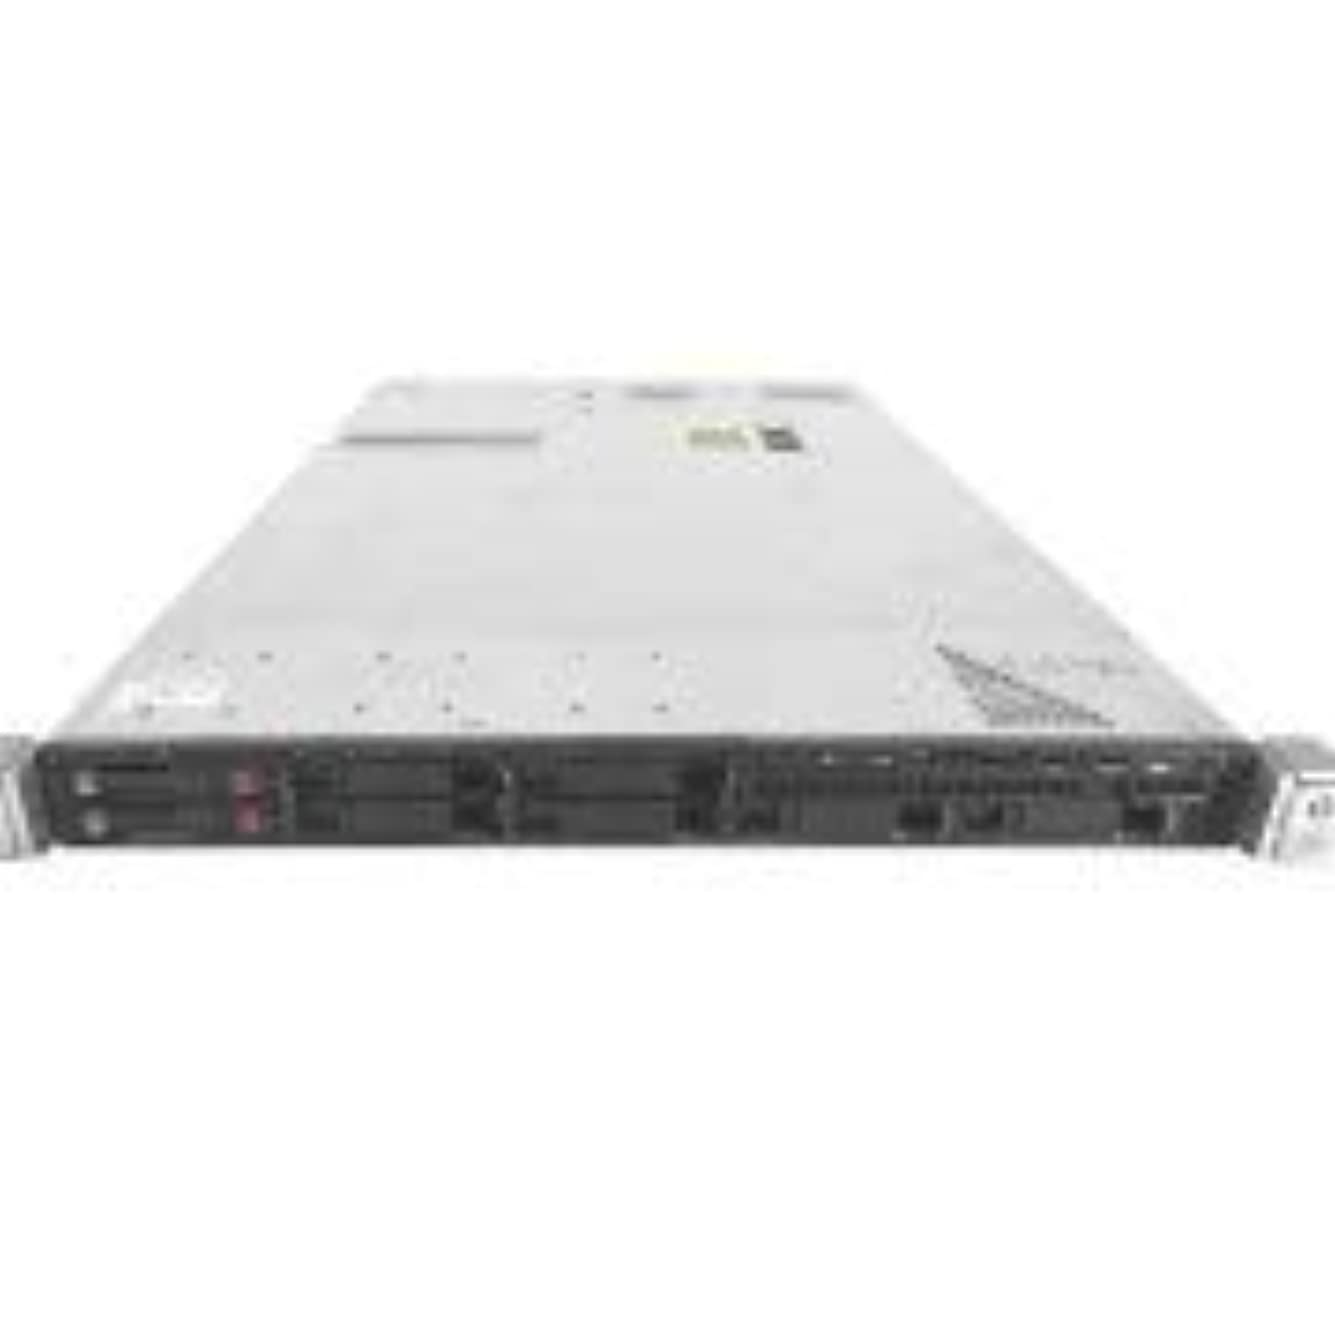 文句を言うカタログすなわちHP ProLiant dl360p g8 8-bay SFF 1uサーバー、2 x e5 – 2695 V2 12 C 2.4 GHz、32 GB ddr3、2 x 600 GB 10 K SAS 2.5、オンボードRaid、2 x 750 W PSU、NOレール(認定Refurbished)